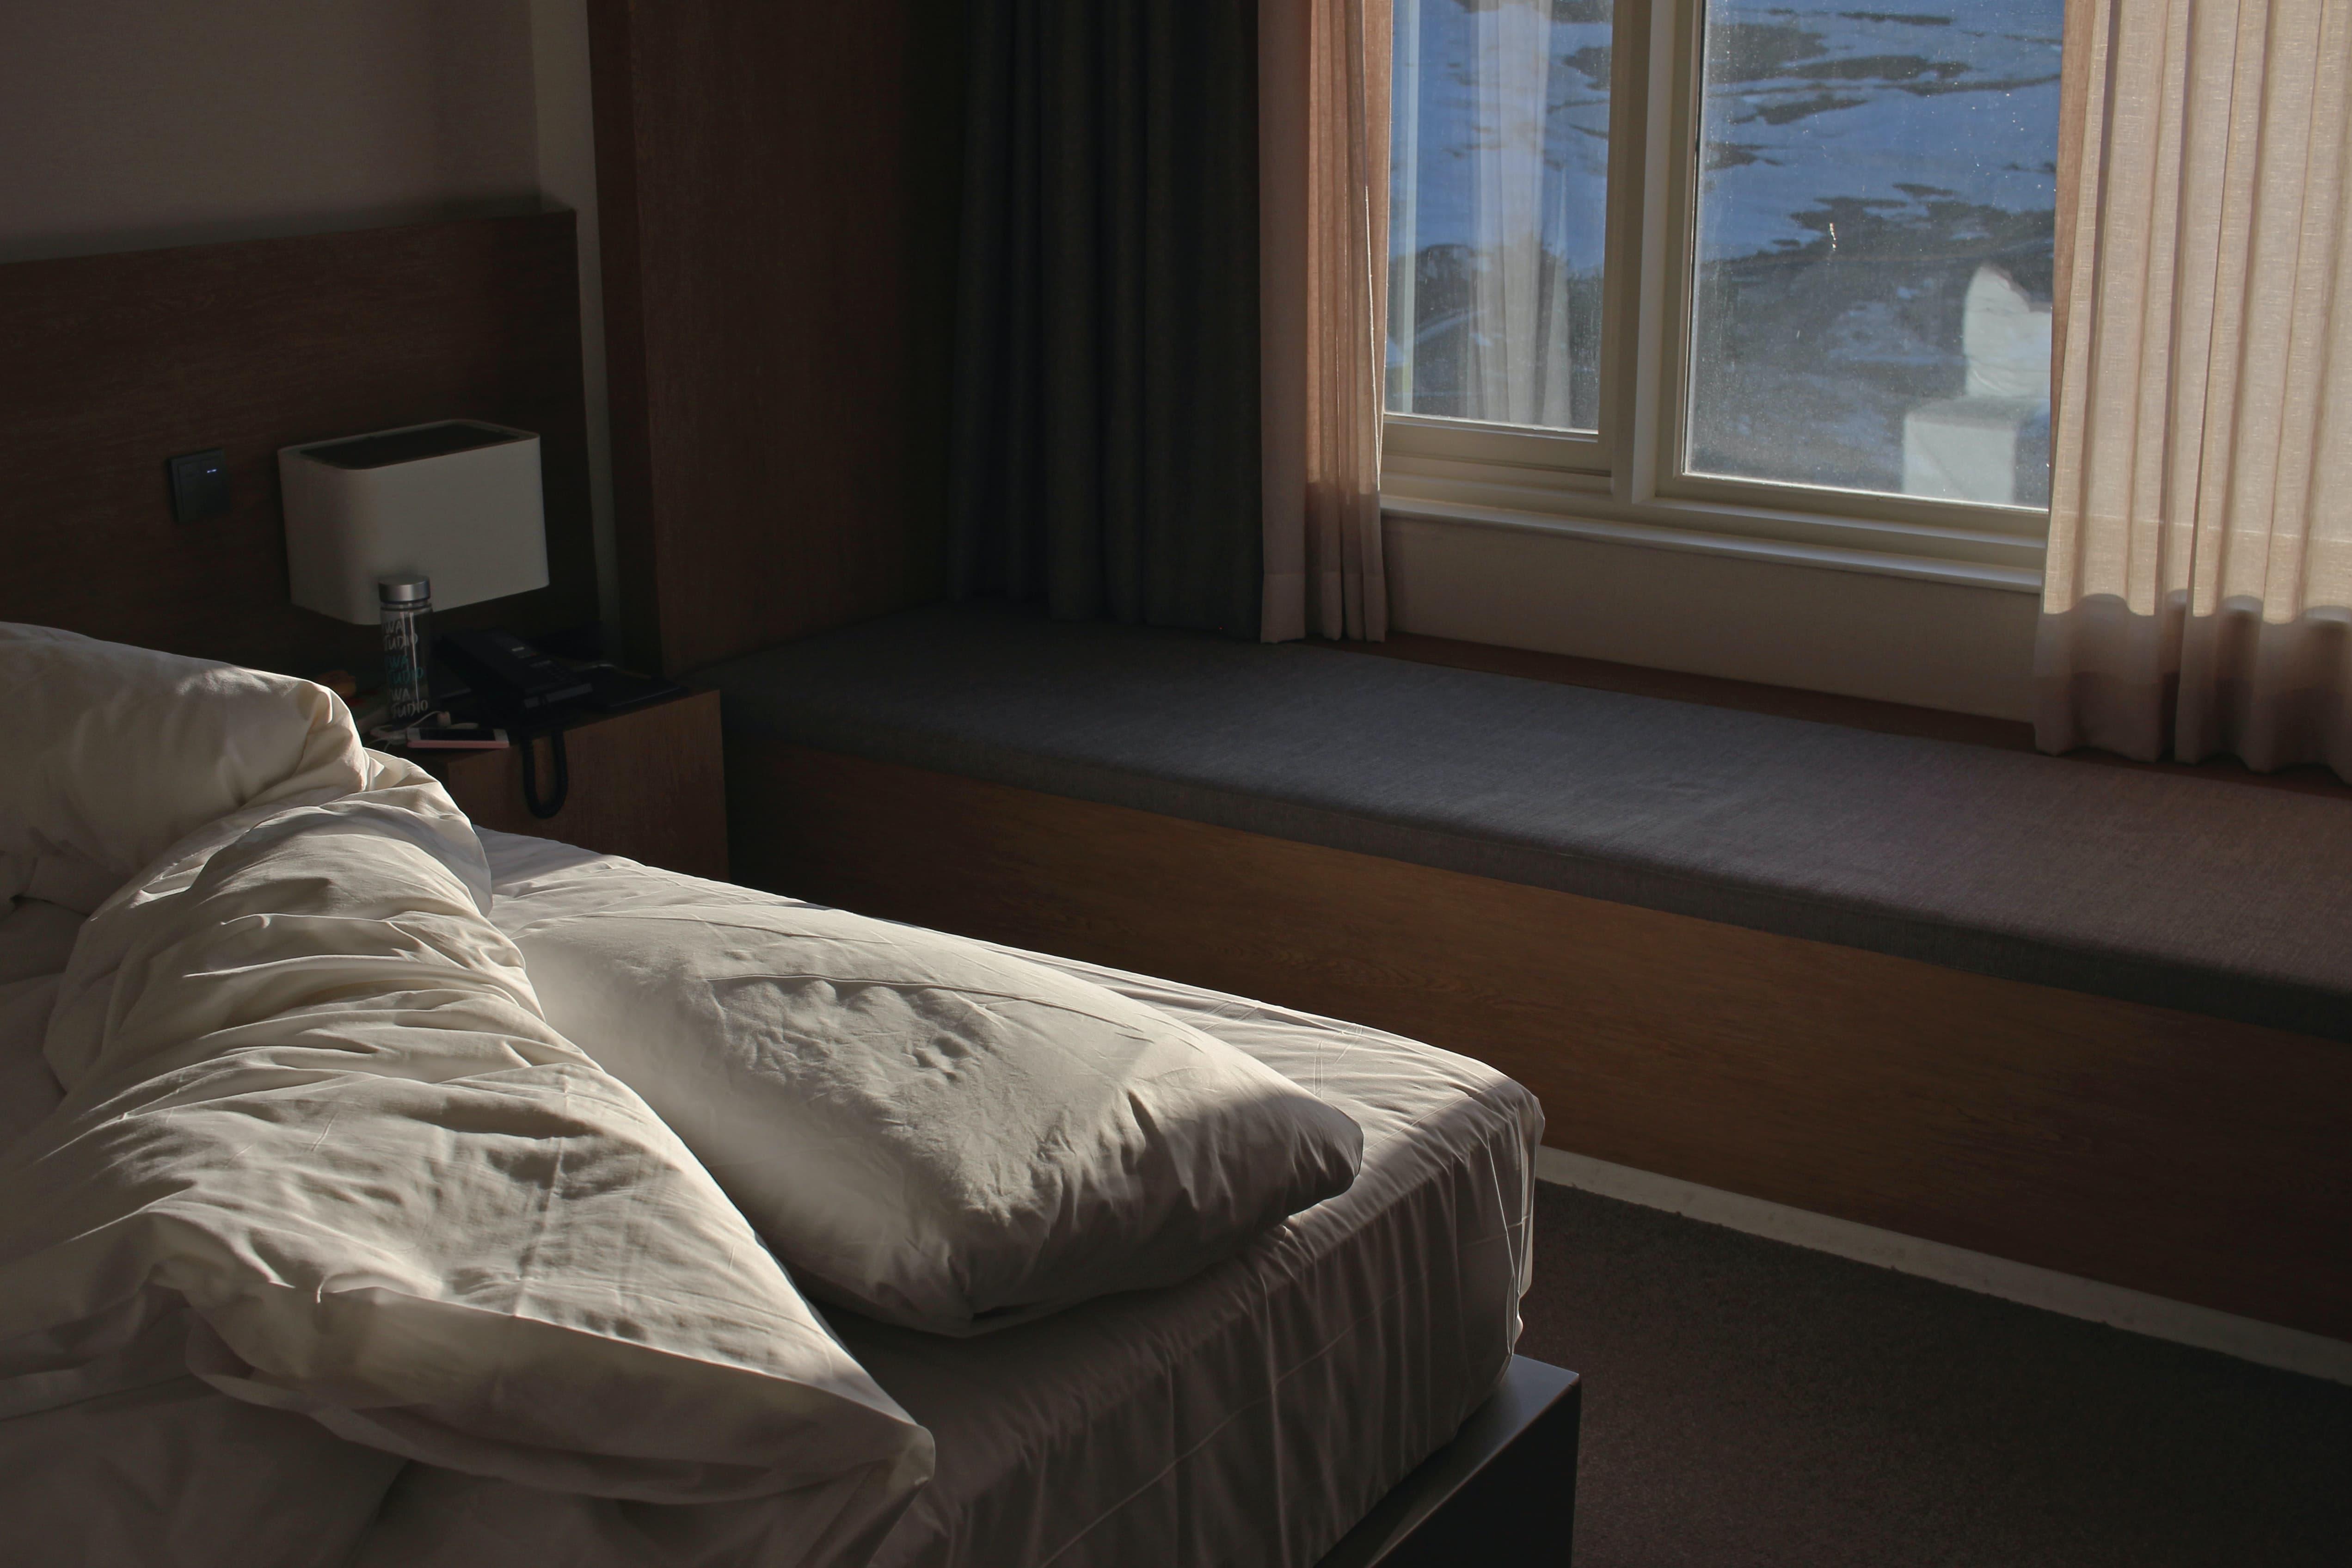 「寝てていいよ、勝手にヤルから」彼の朝セックスを受け入れた結果